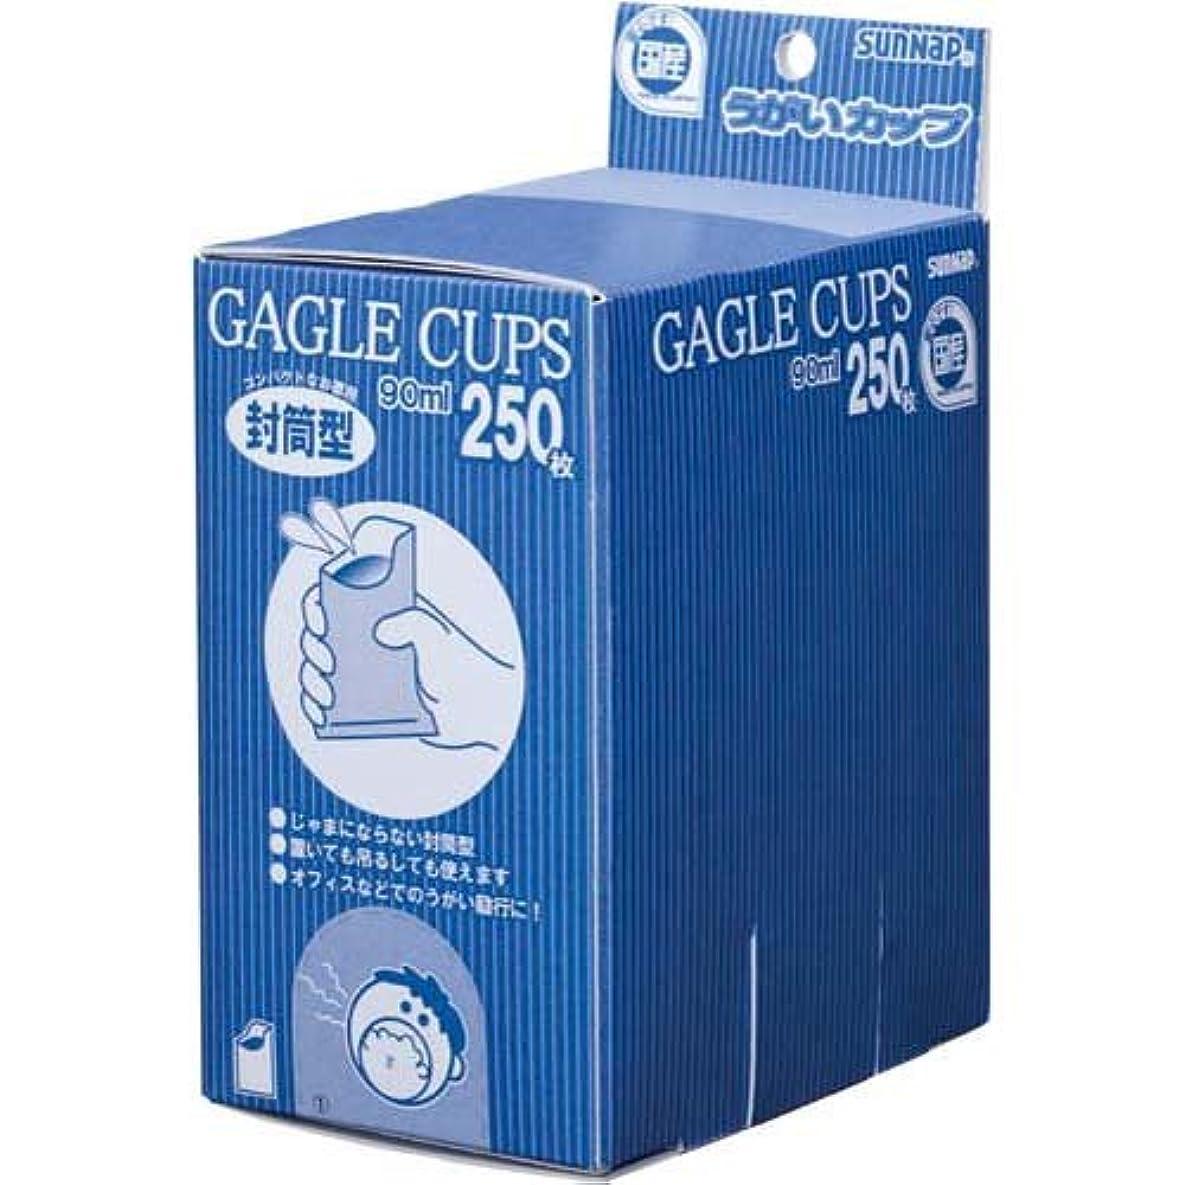 太いジムレコーダーサンナップ 封筒型うがいカップ250枚×5箱